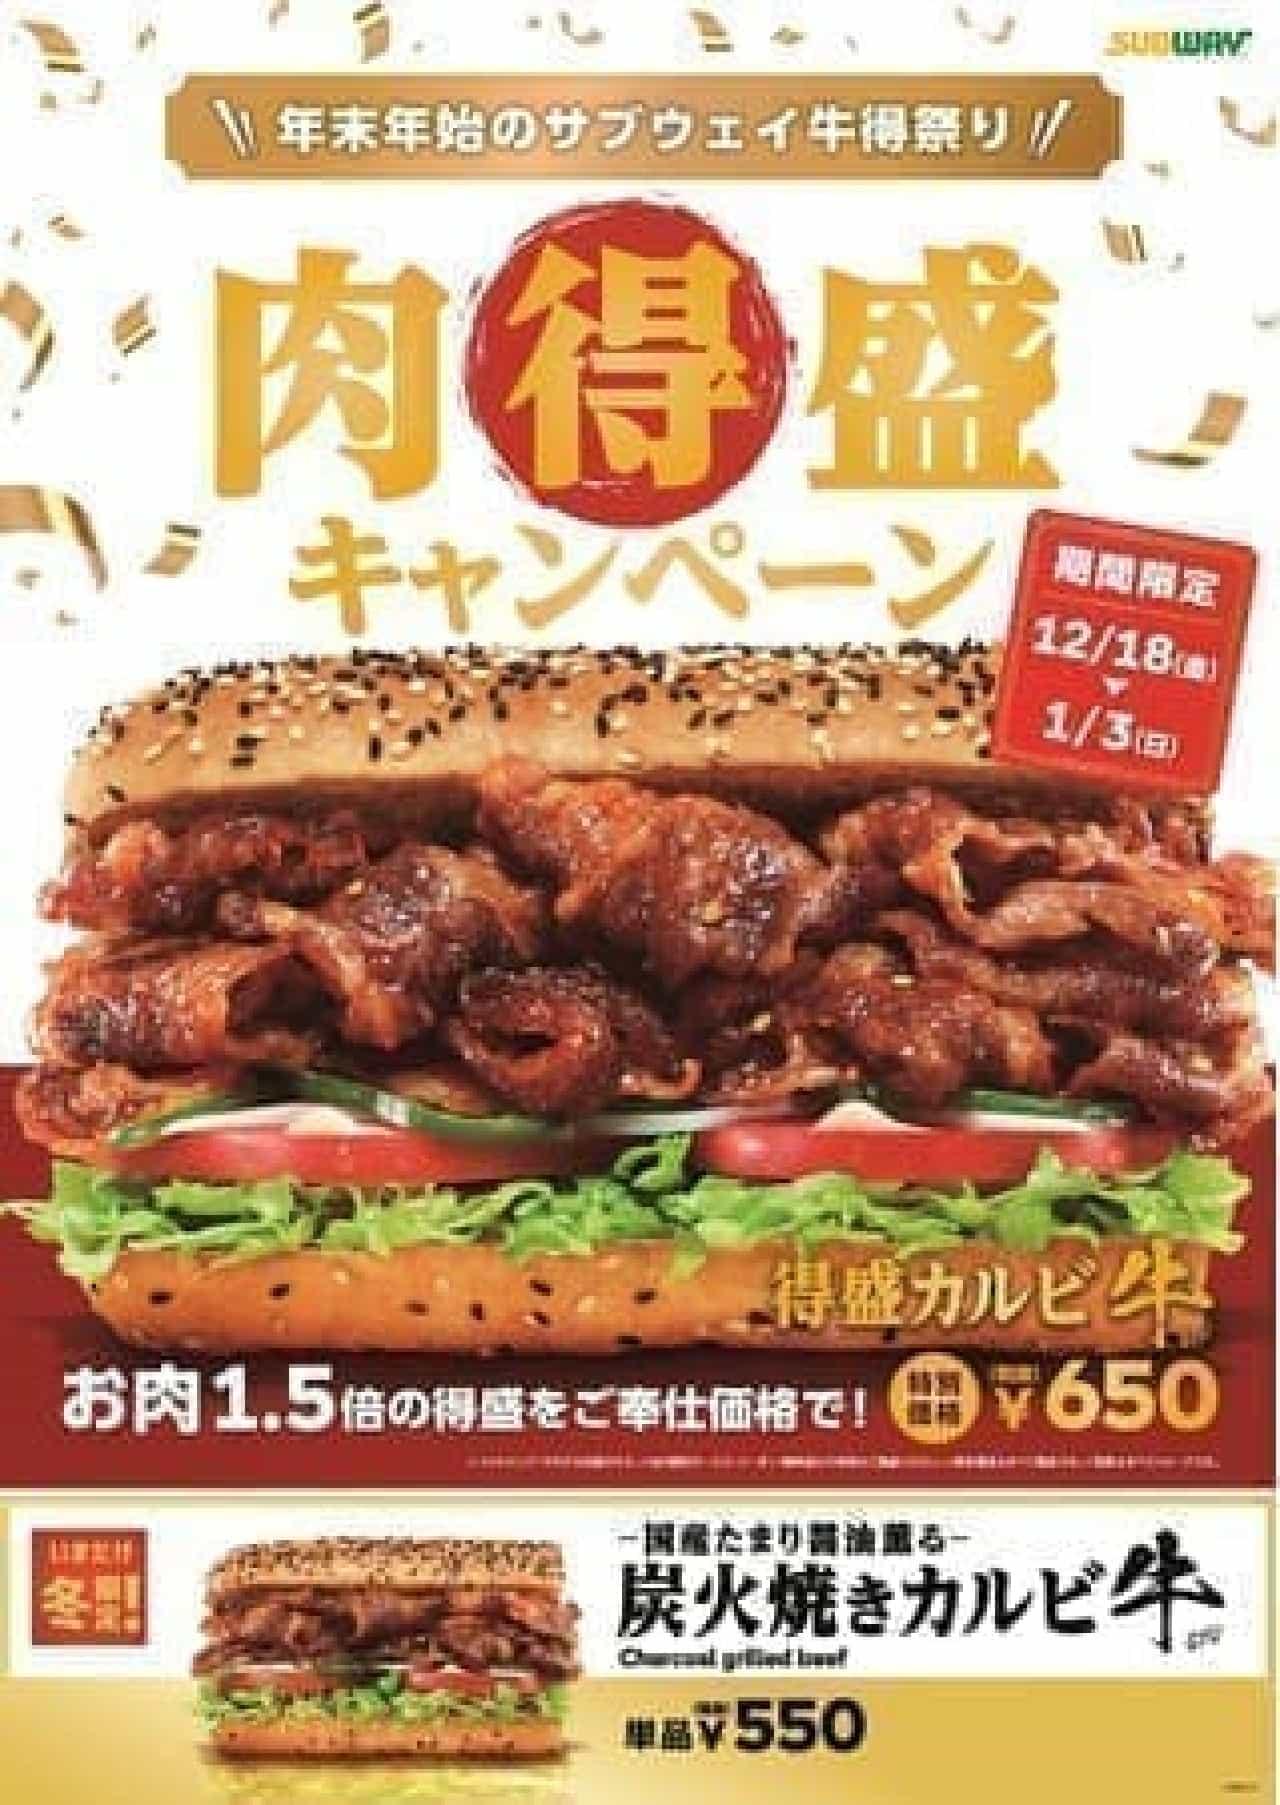 「炭火焼きカルビ・牛」の肉得盛キャンペーン